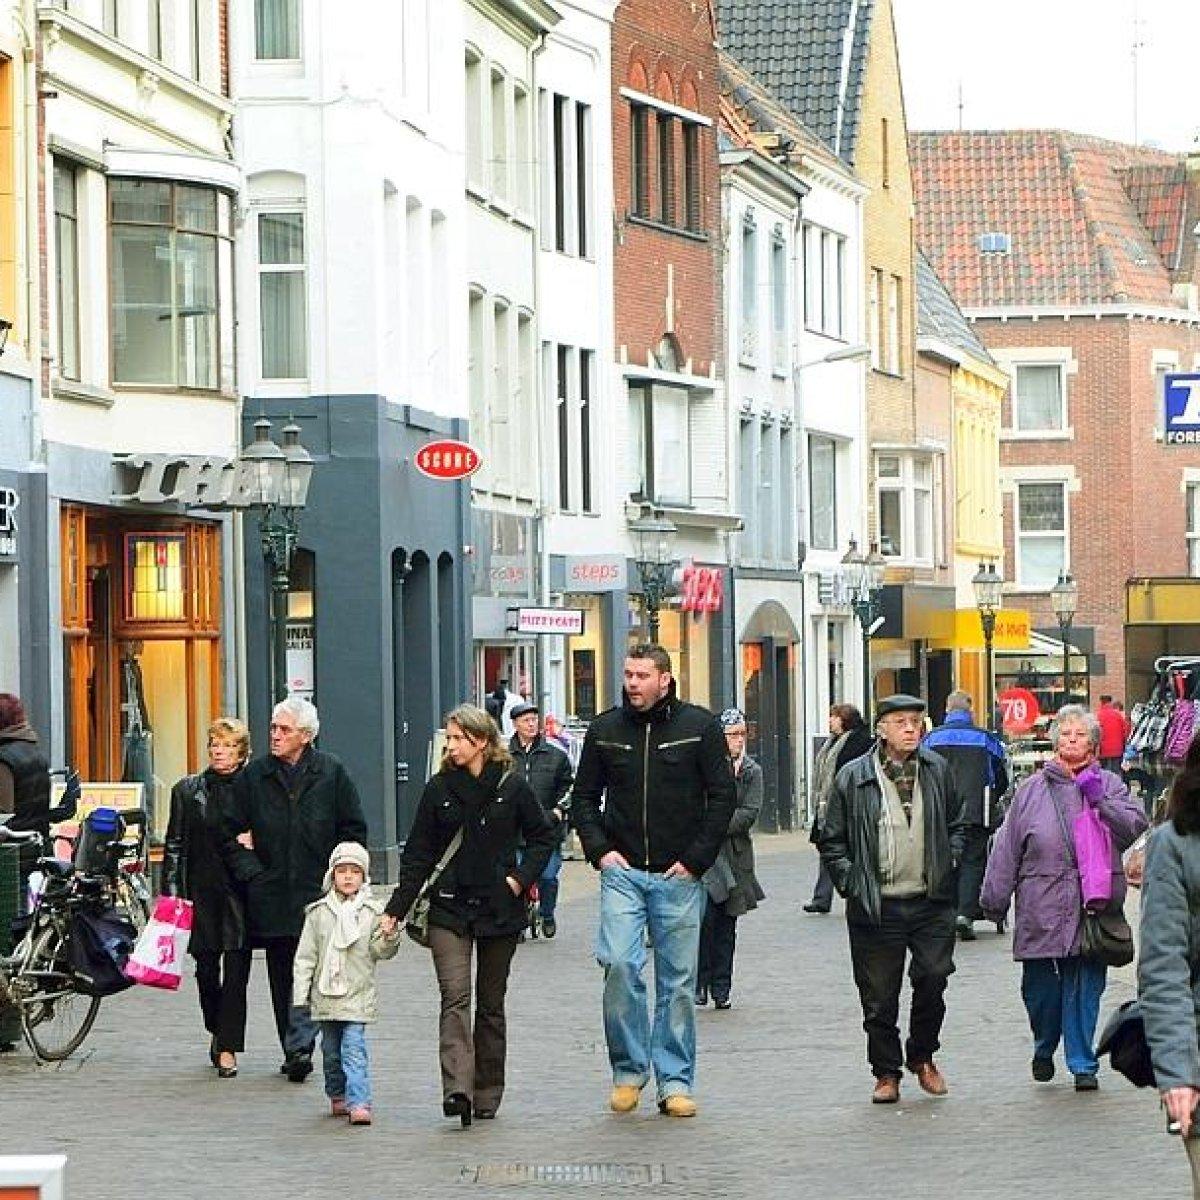 Sonntags venlo holland einkaufen Verkaufsoffene Sonntage